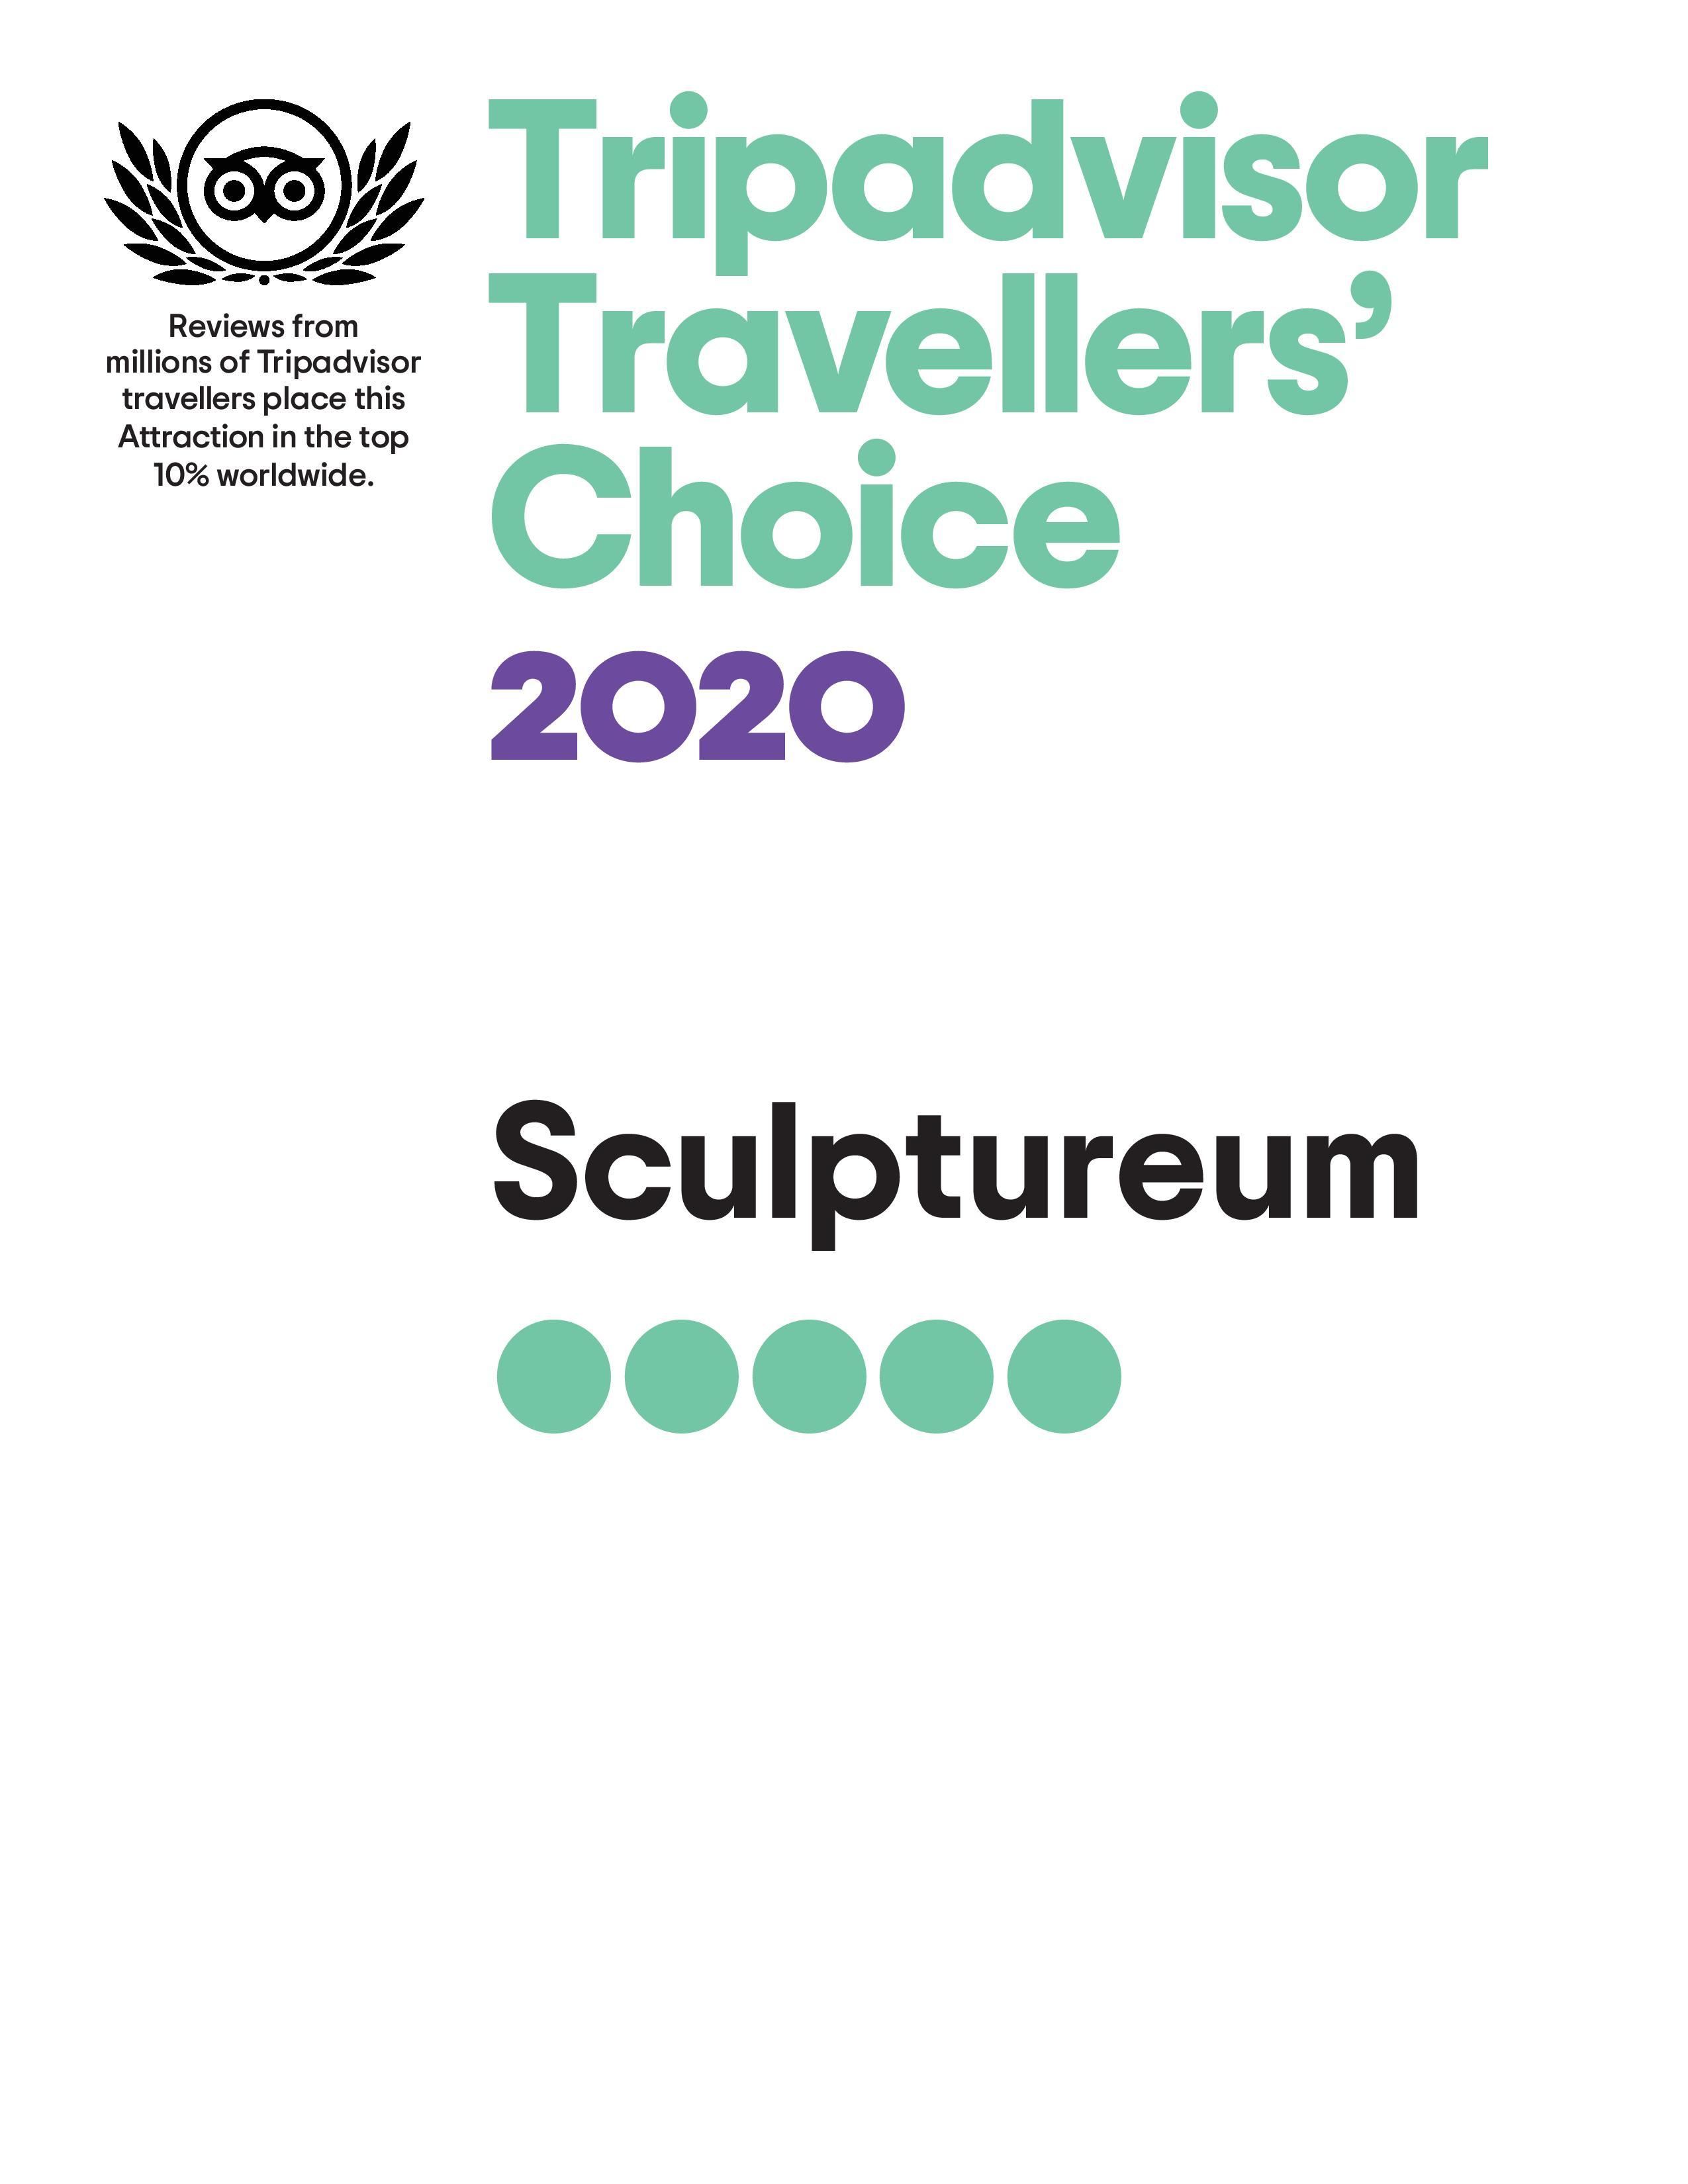 Tripadvisor Sculptureum